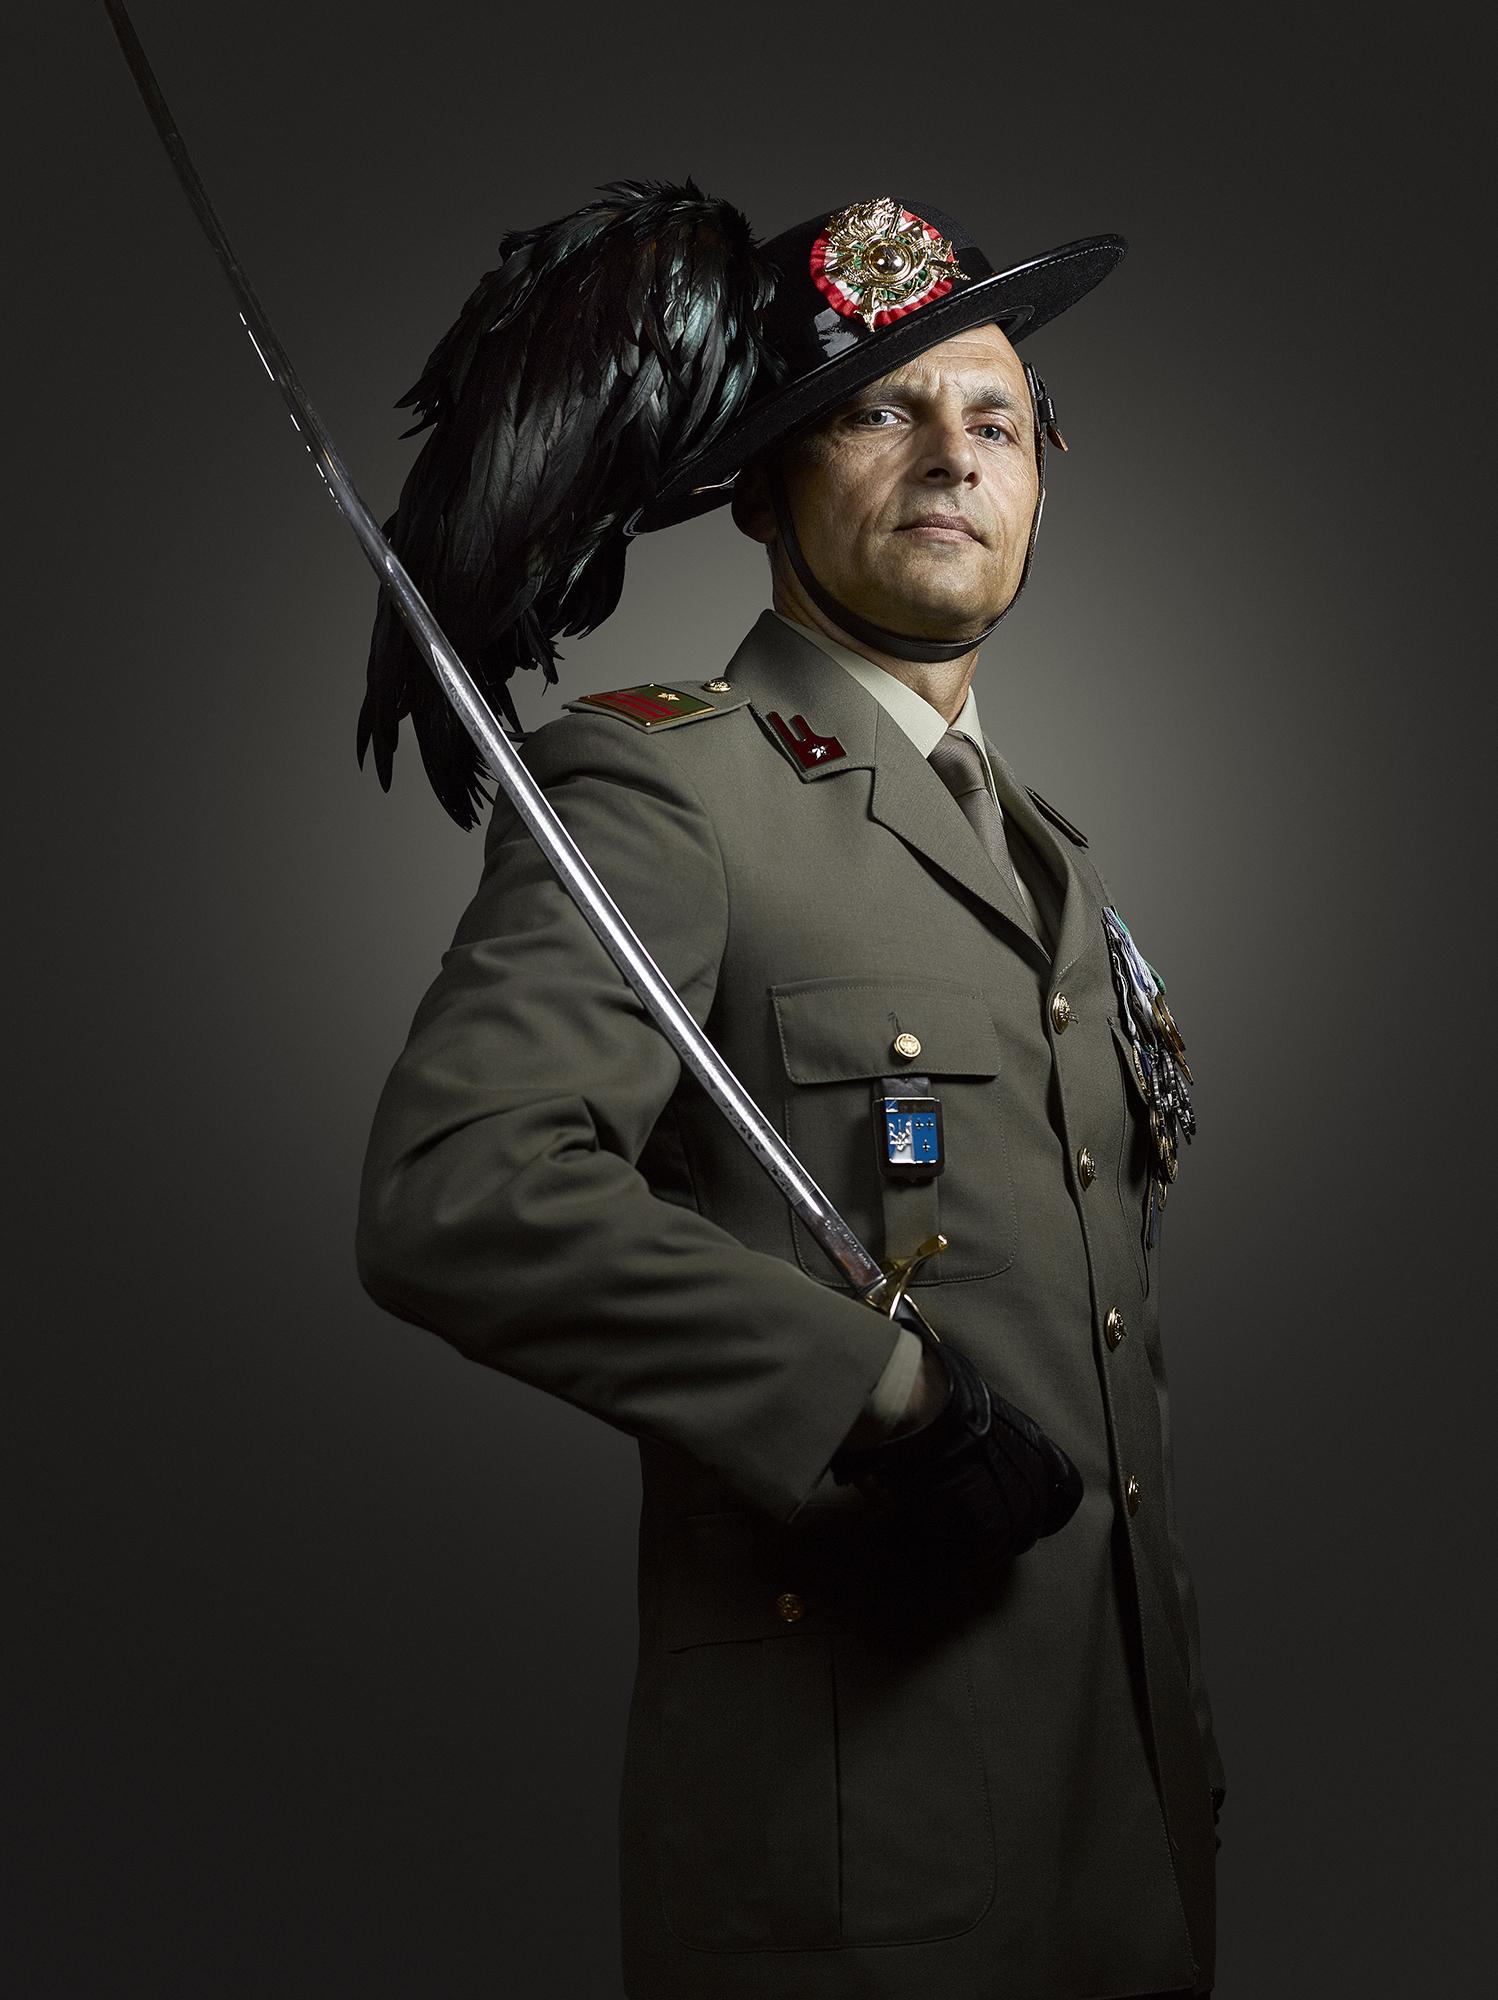 Soldati della Repubblica - Ritratti dell'Esercito Italiano 2018-19